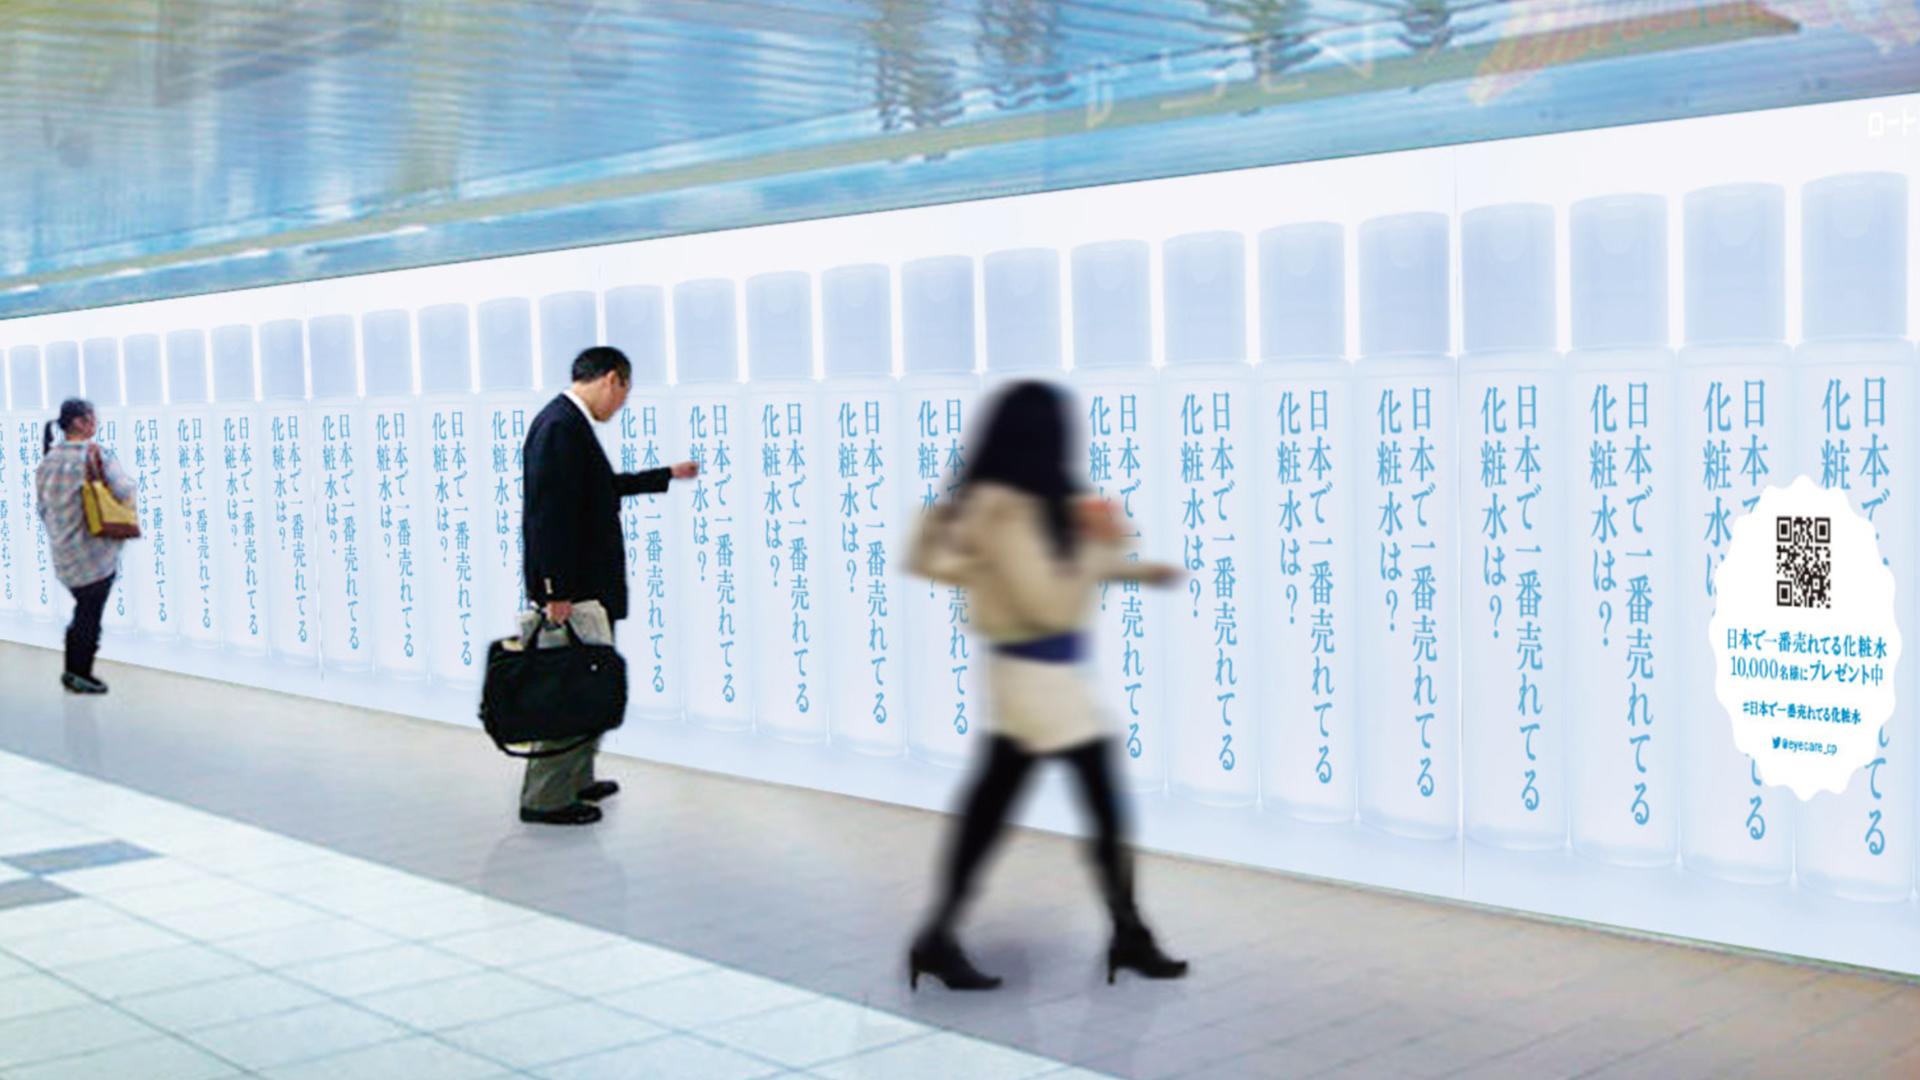 【『日本で一番売れてる化粧水』意味深な広告が立ち並ぶ!】他、新着トレンド8月21日